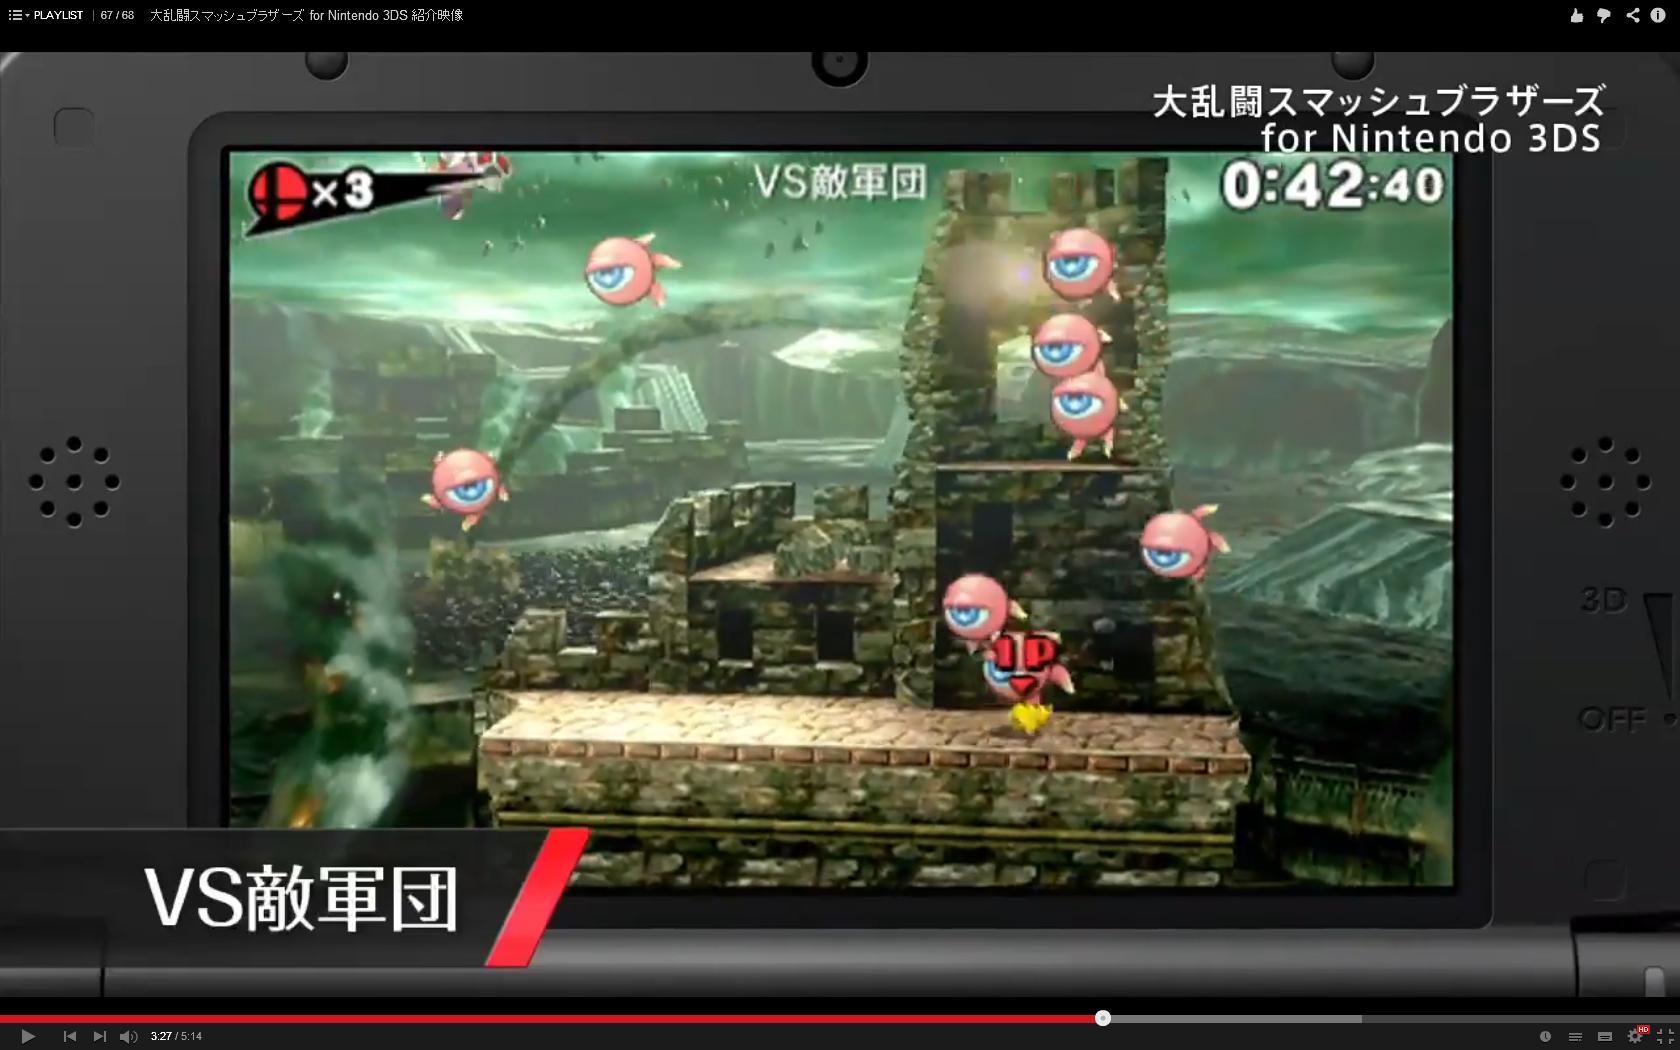 [Officiel] Liste des stages 3DS + nouvelle vidéo 1409320620092544700